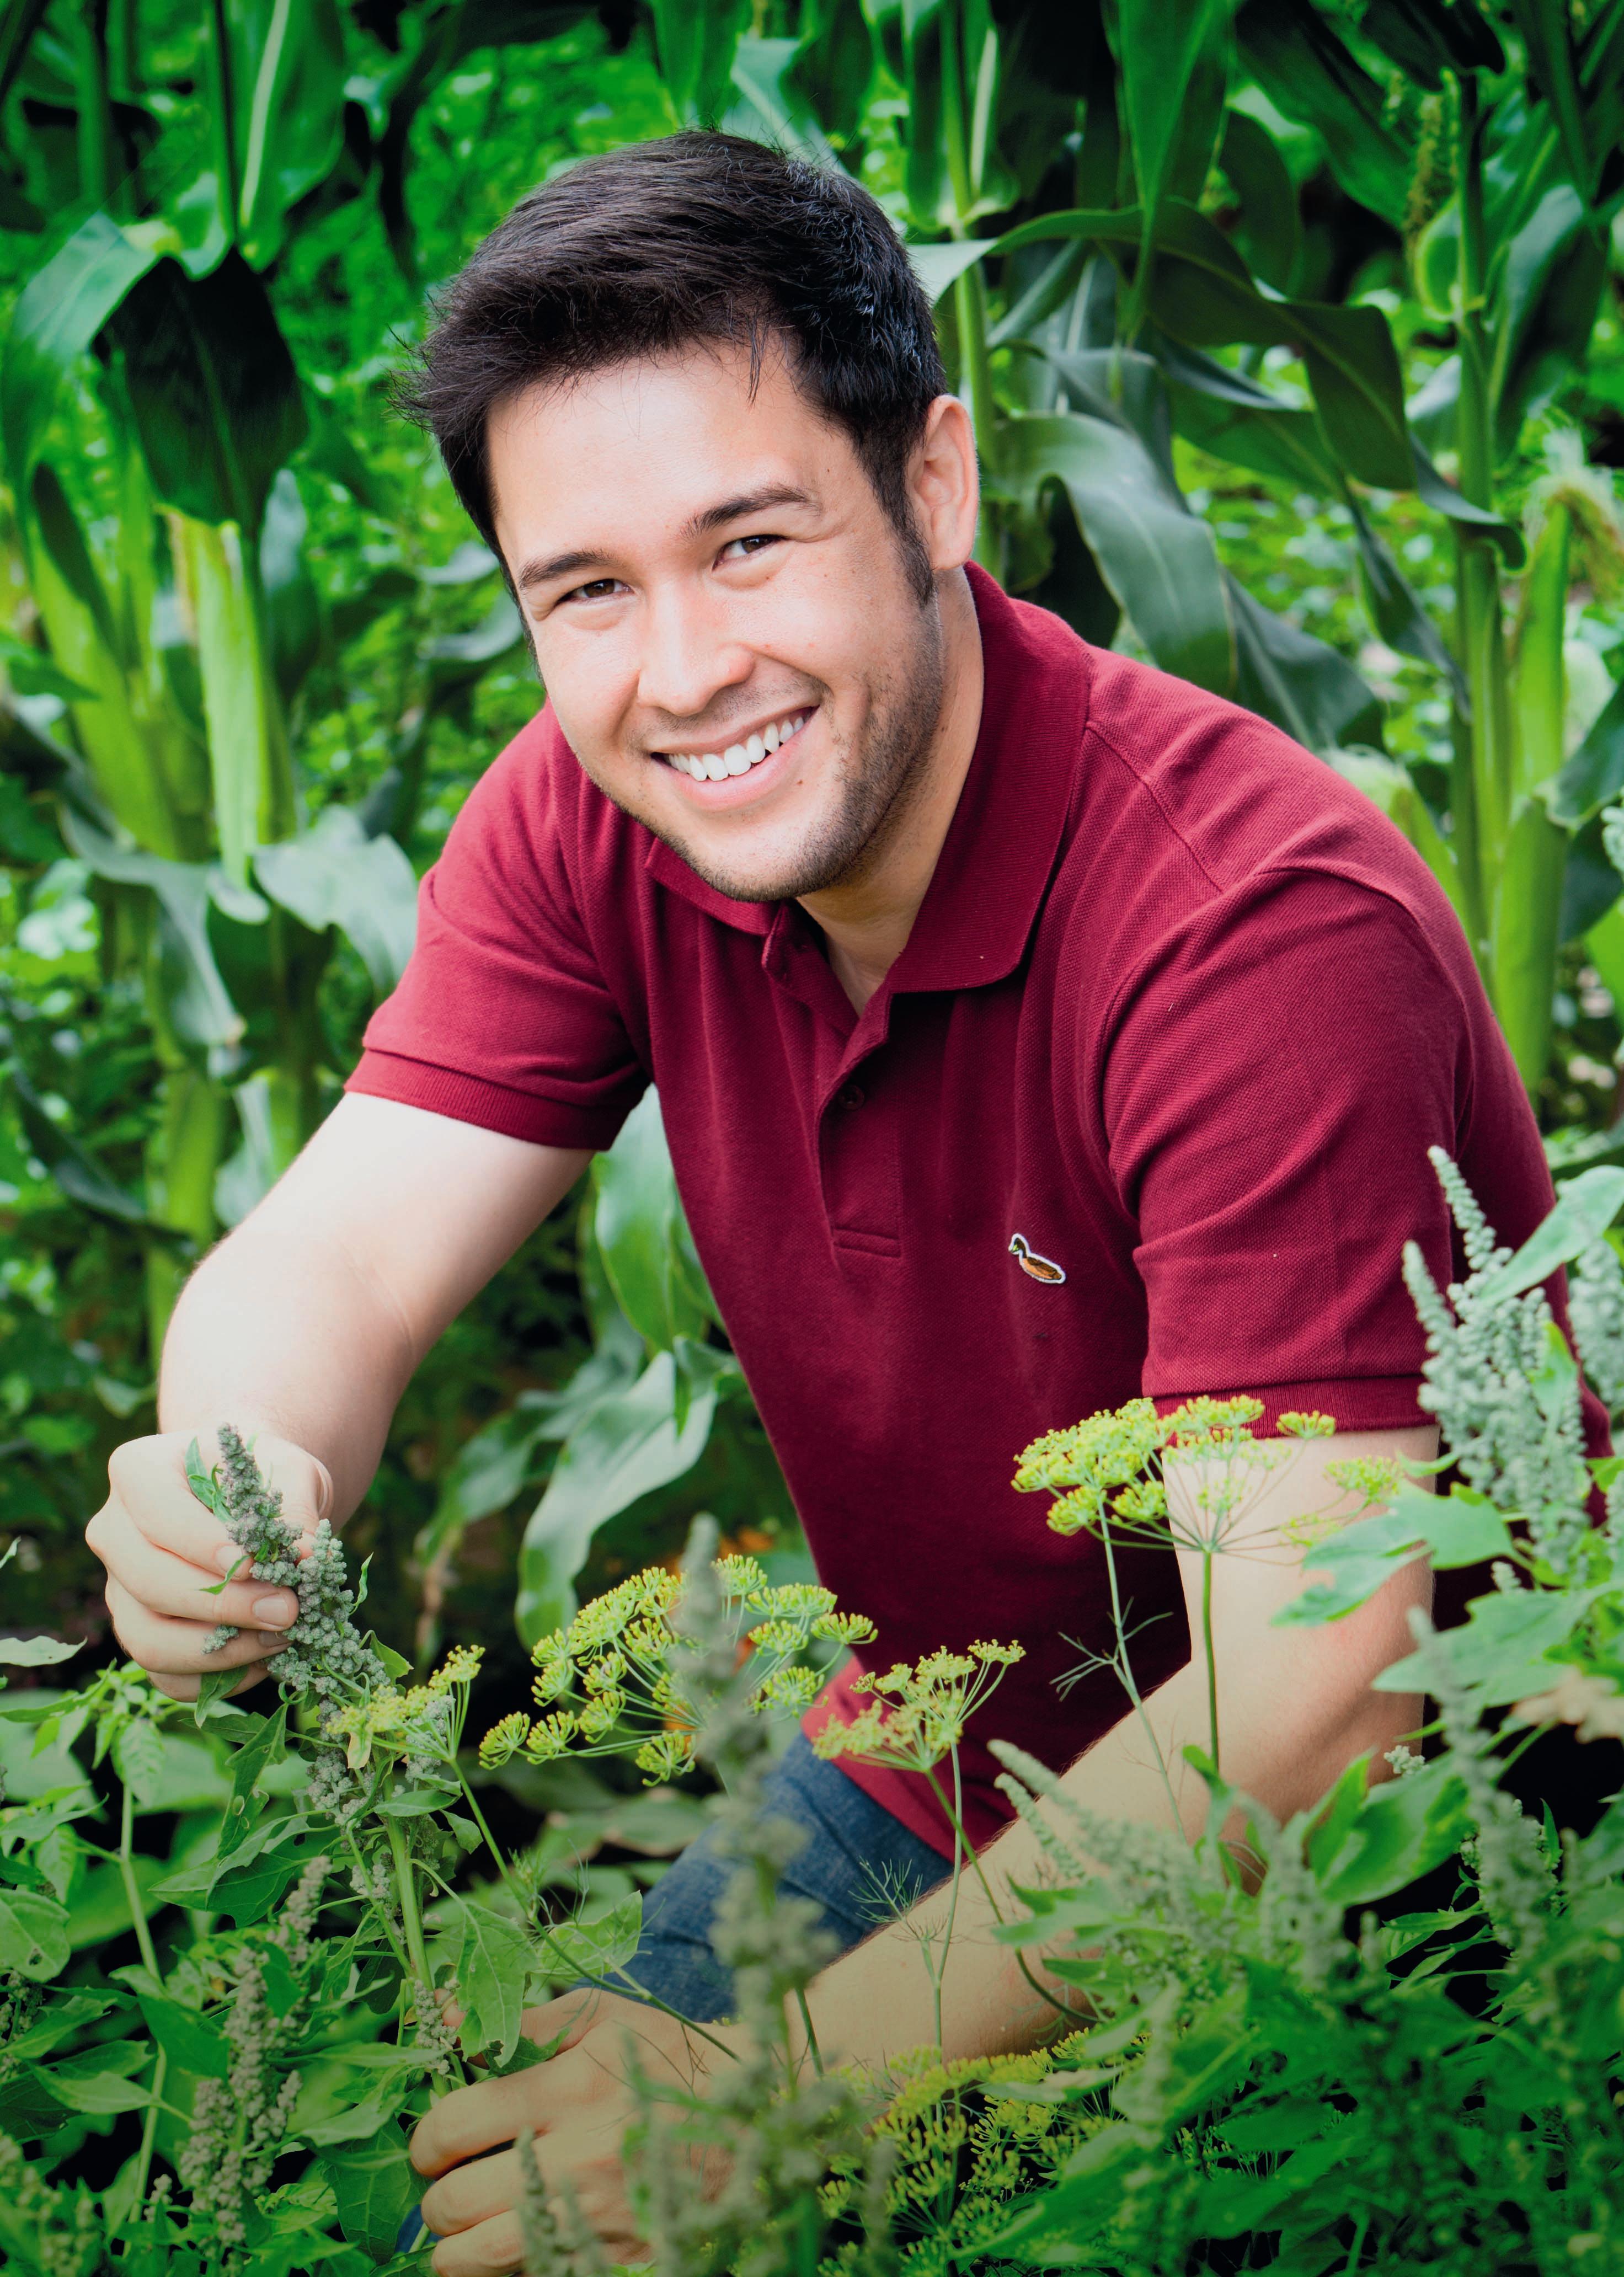 Brits 'start gardening in their 40s' - Amateur Gardening